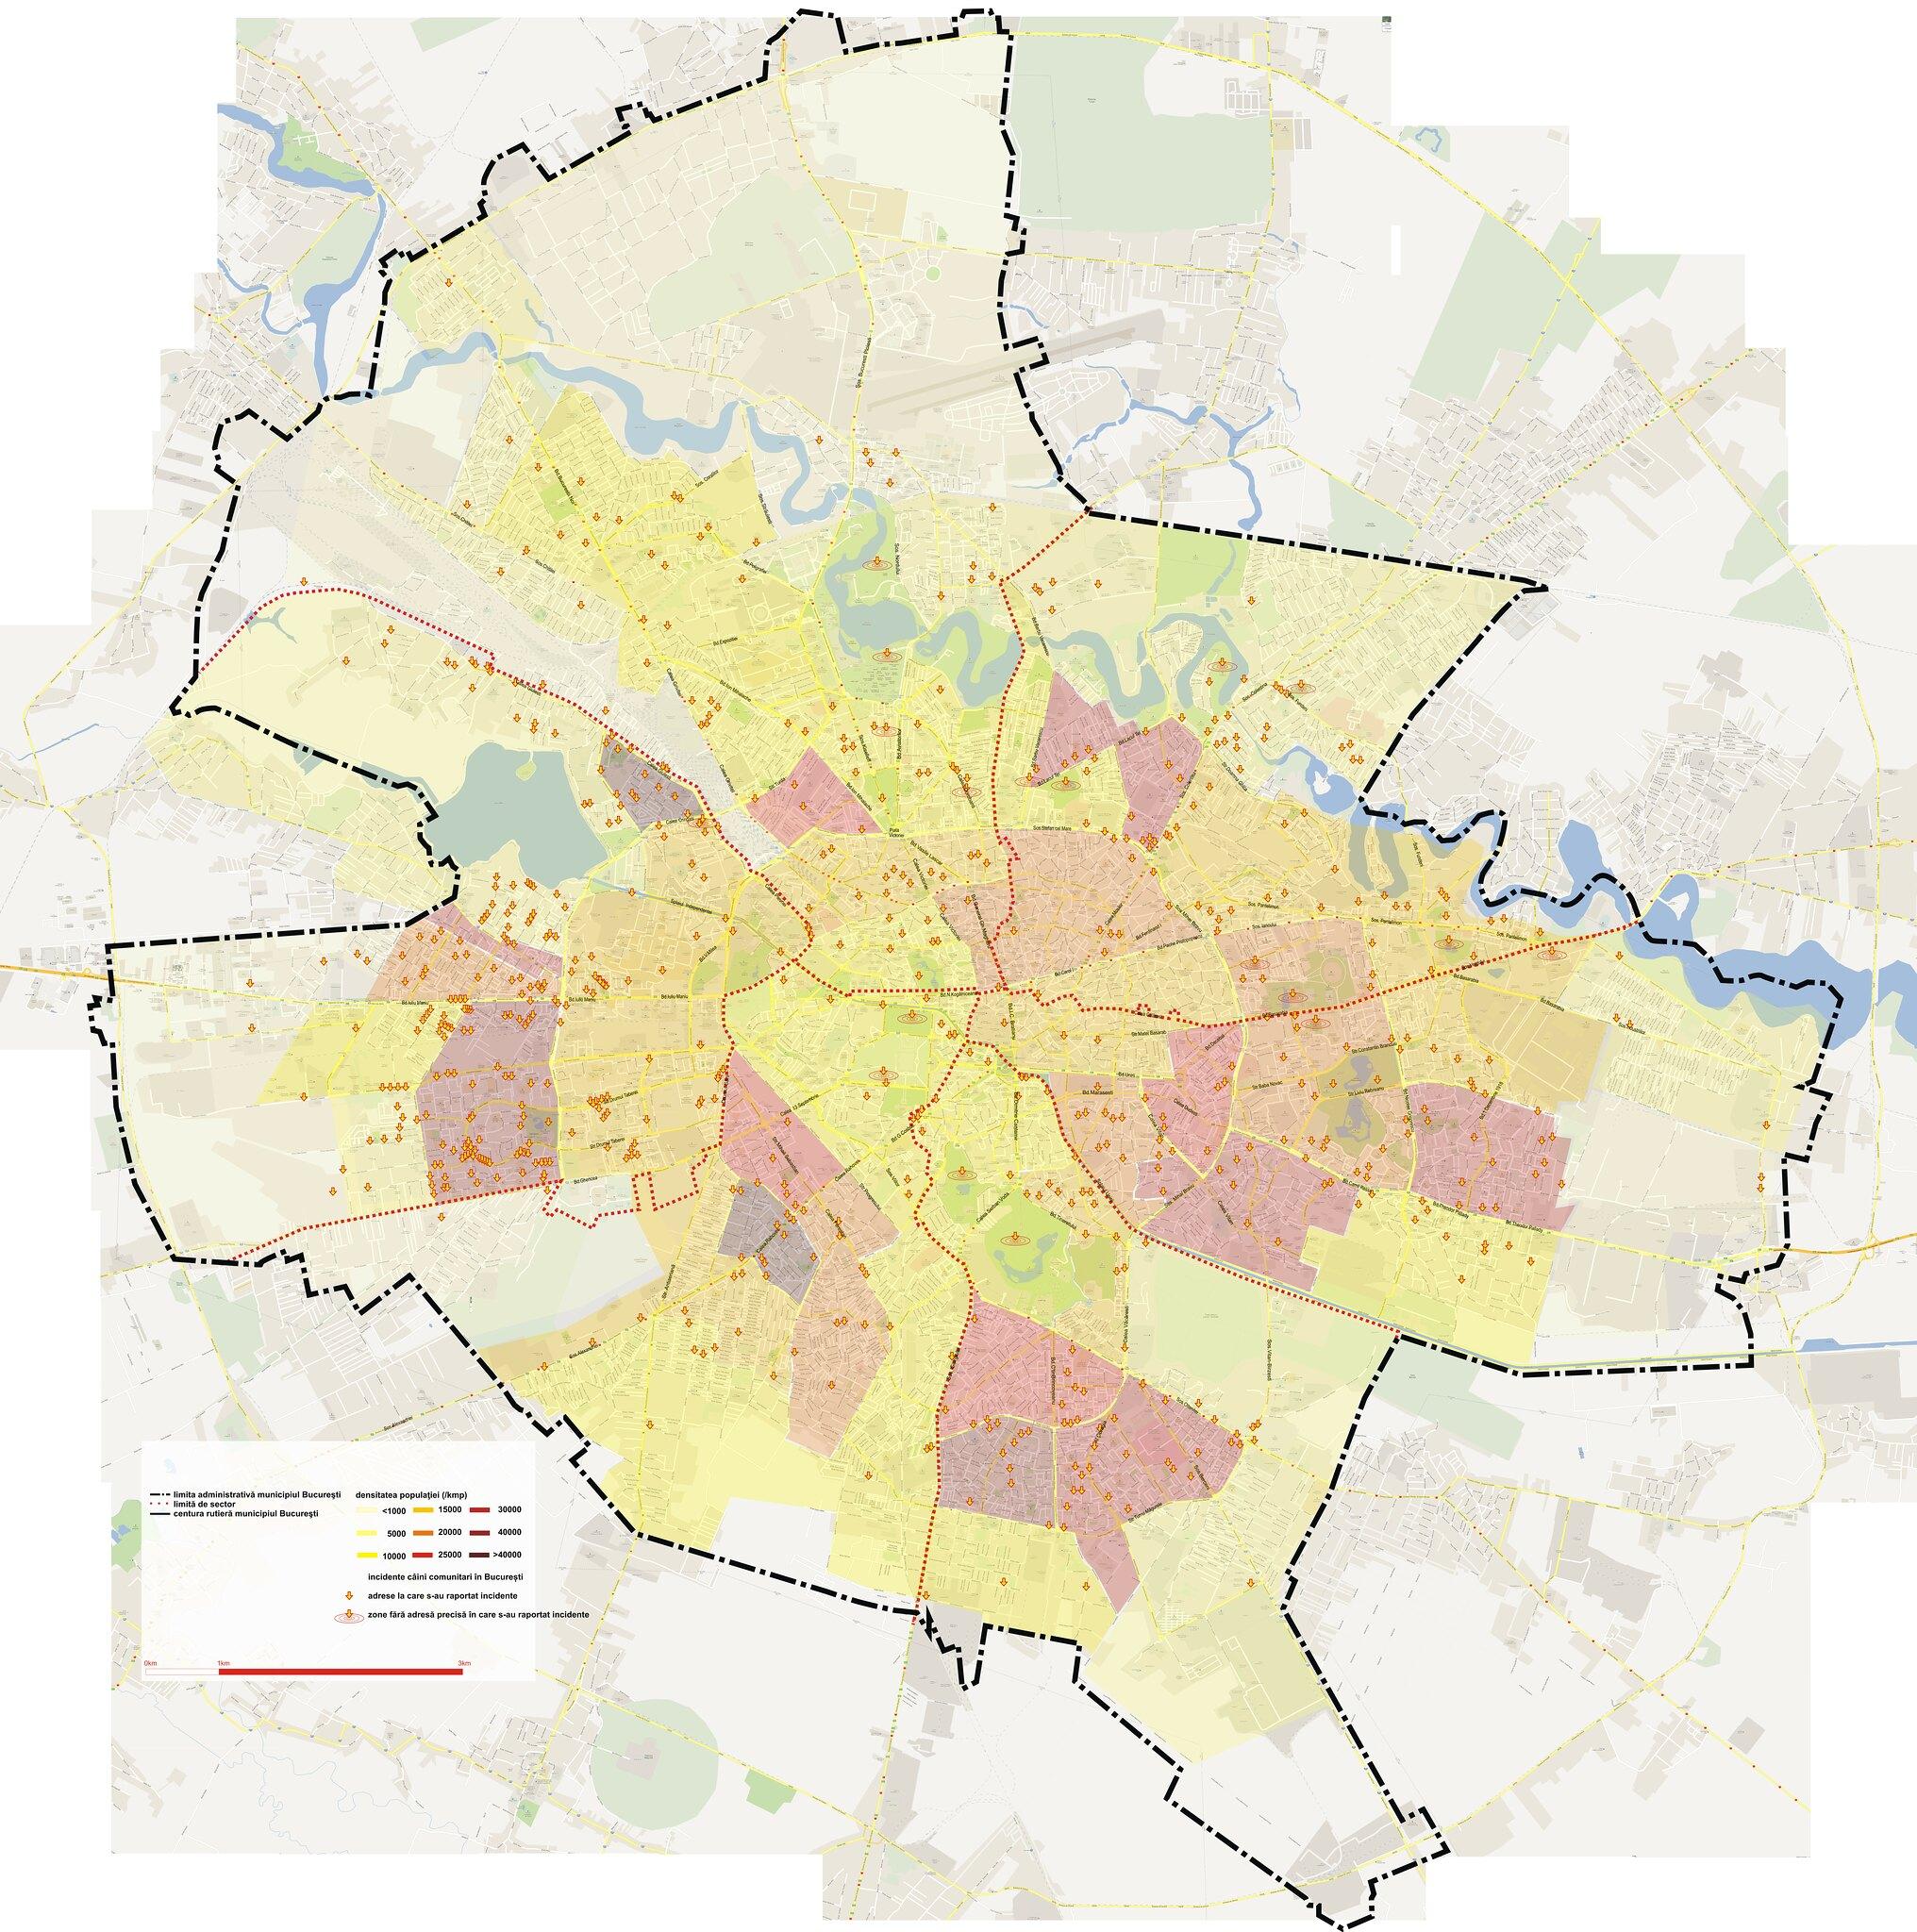 Harta Maidanezilor Din Bucuresti Care Sunt Cele Mai Periculoase